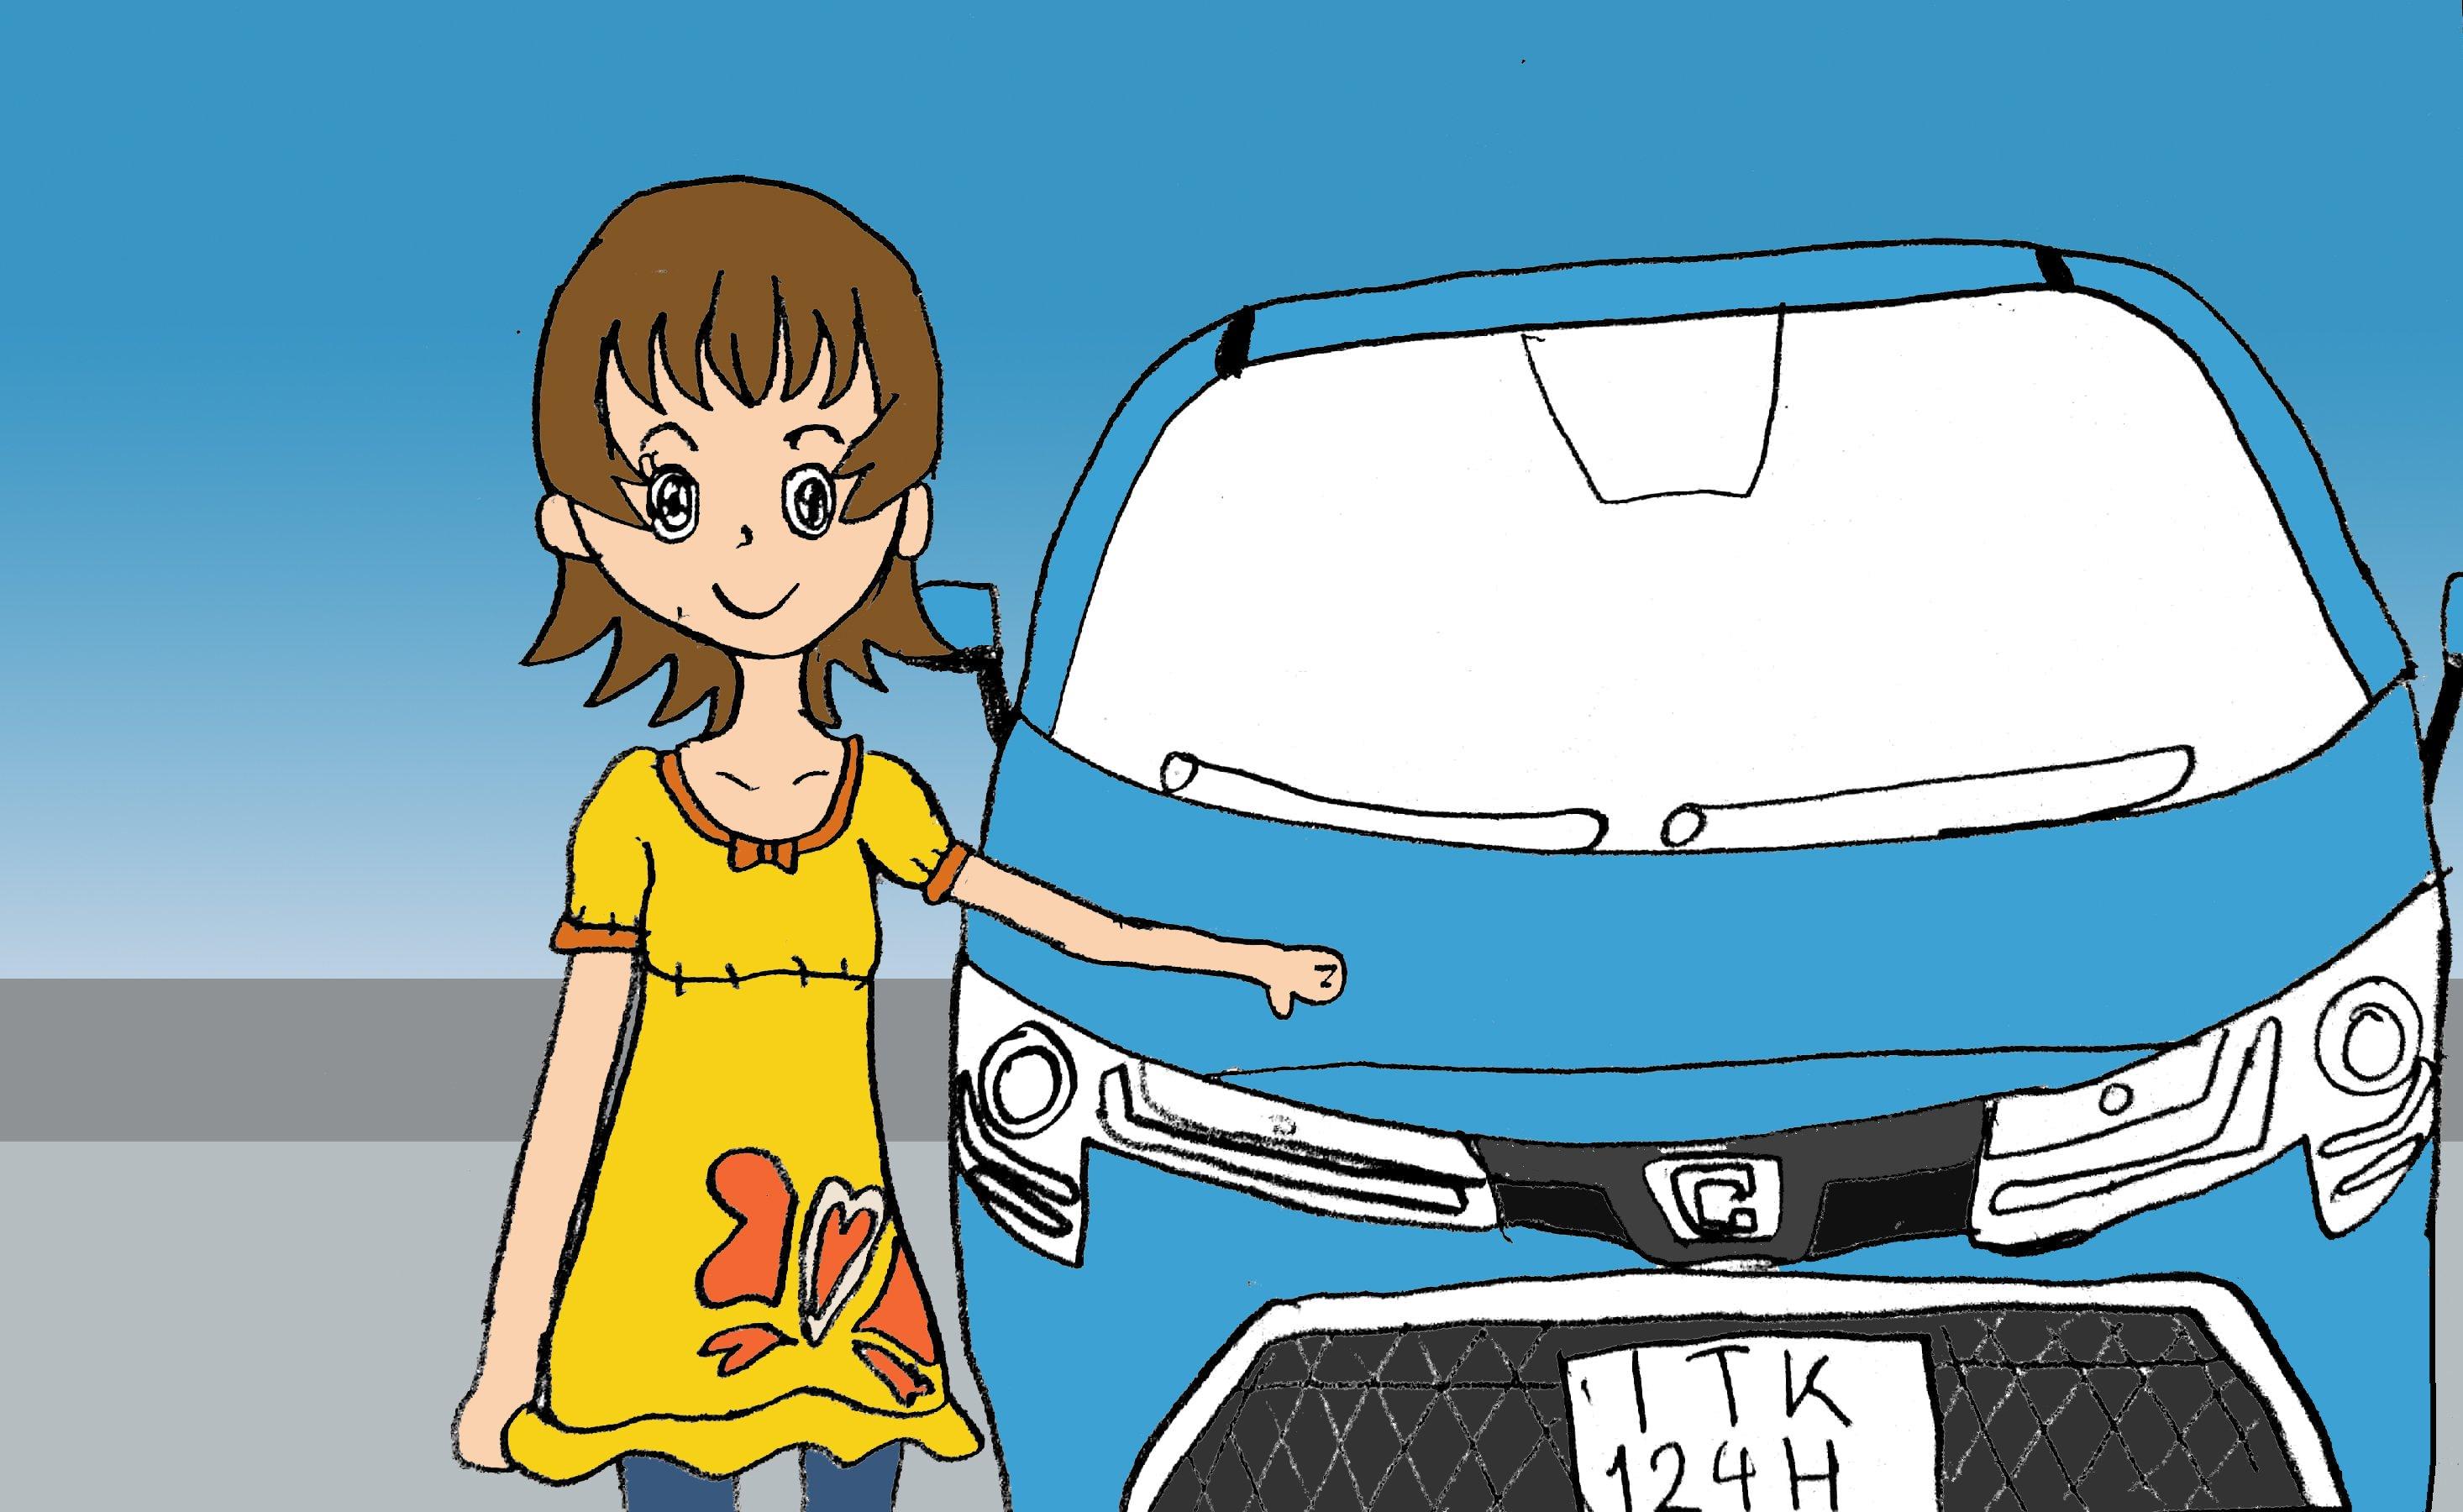 大森ゆうこ Σ4/โอโมริ ยูโกะ ซิกม่าโฟร์🍚🍯 (@Omoriyuko28V4WD)さんのイラスト